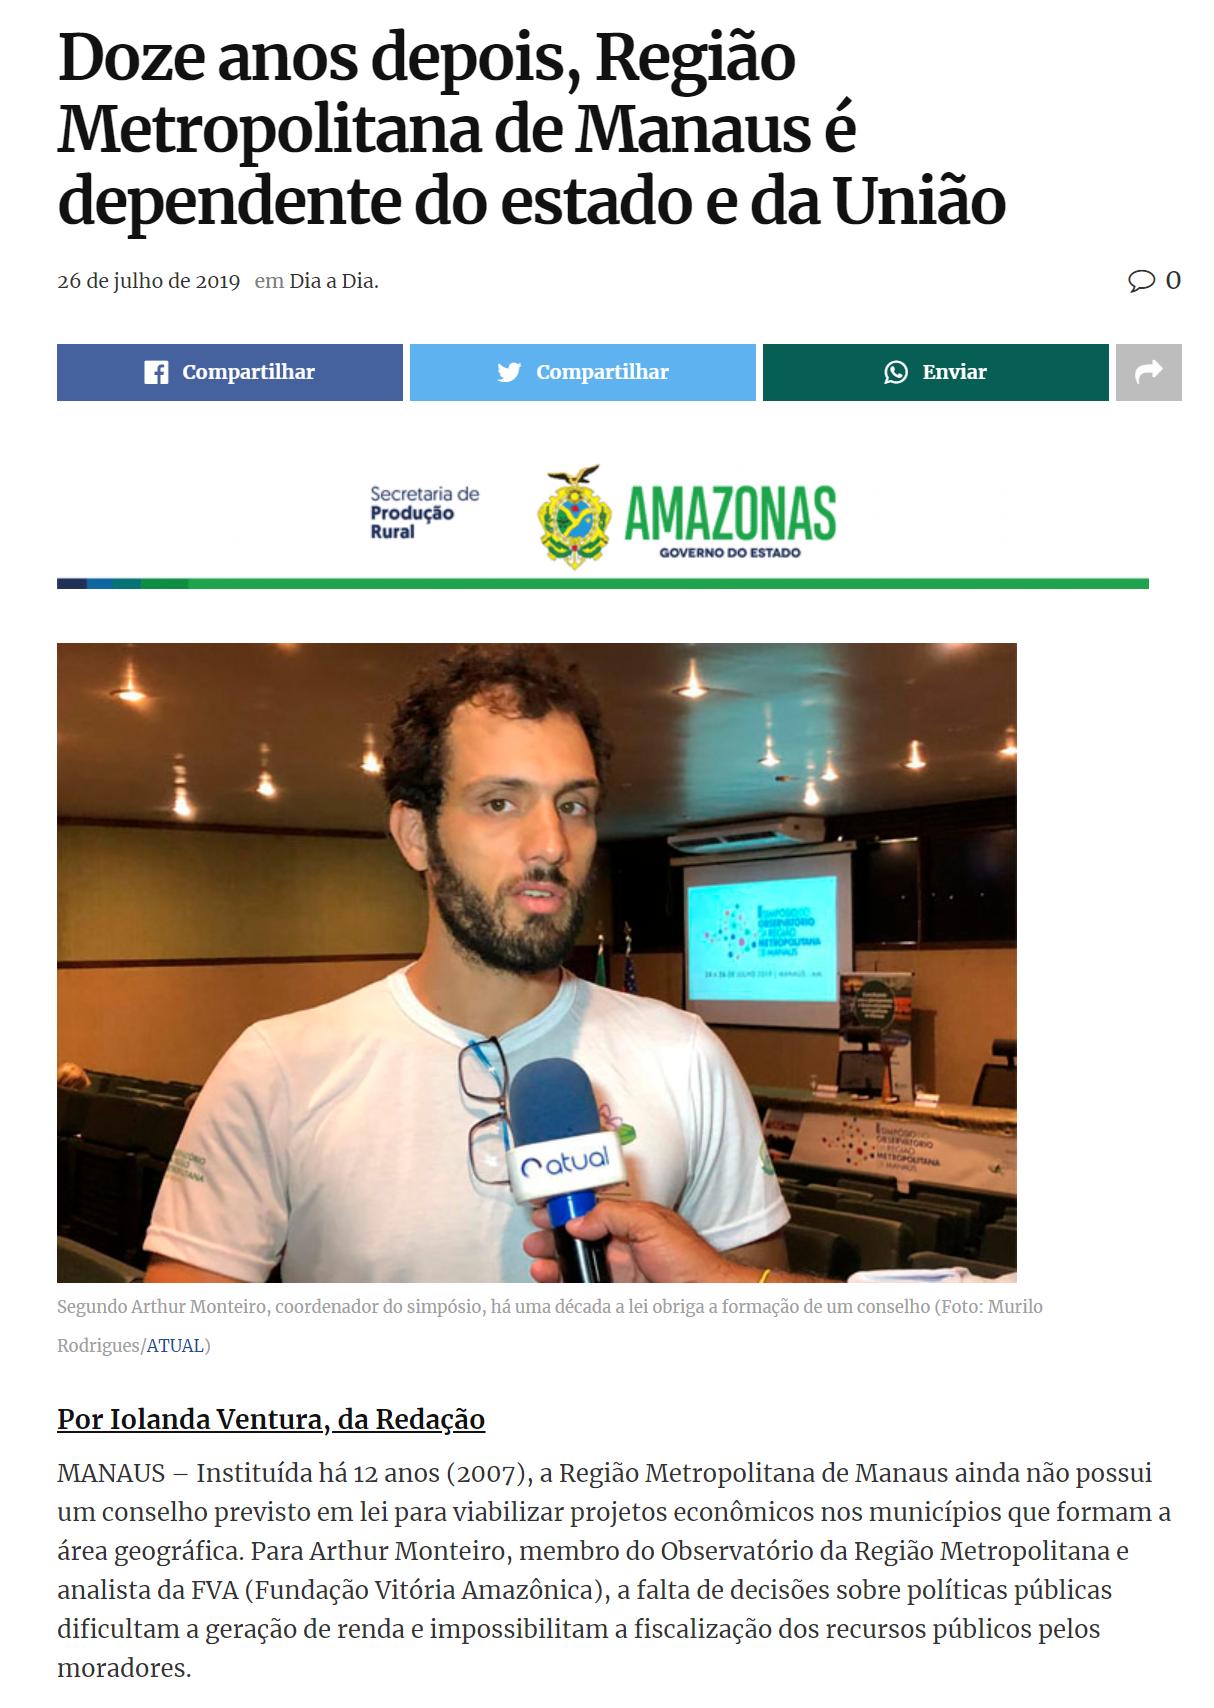 FireShot Capture 044 - Doze anos depois, Região Metropolitana de Manaus ainda é dependente d_ - amazonasatual.com.br